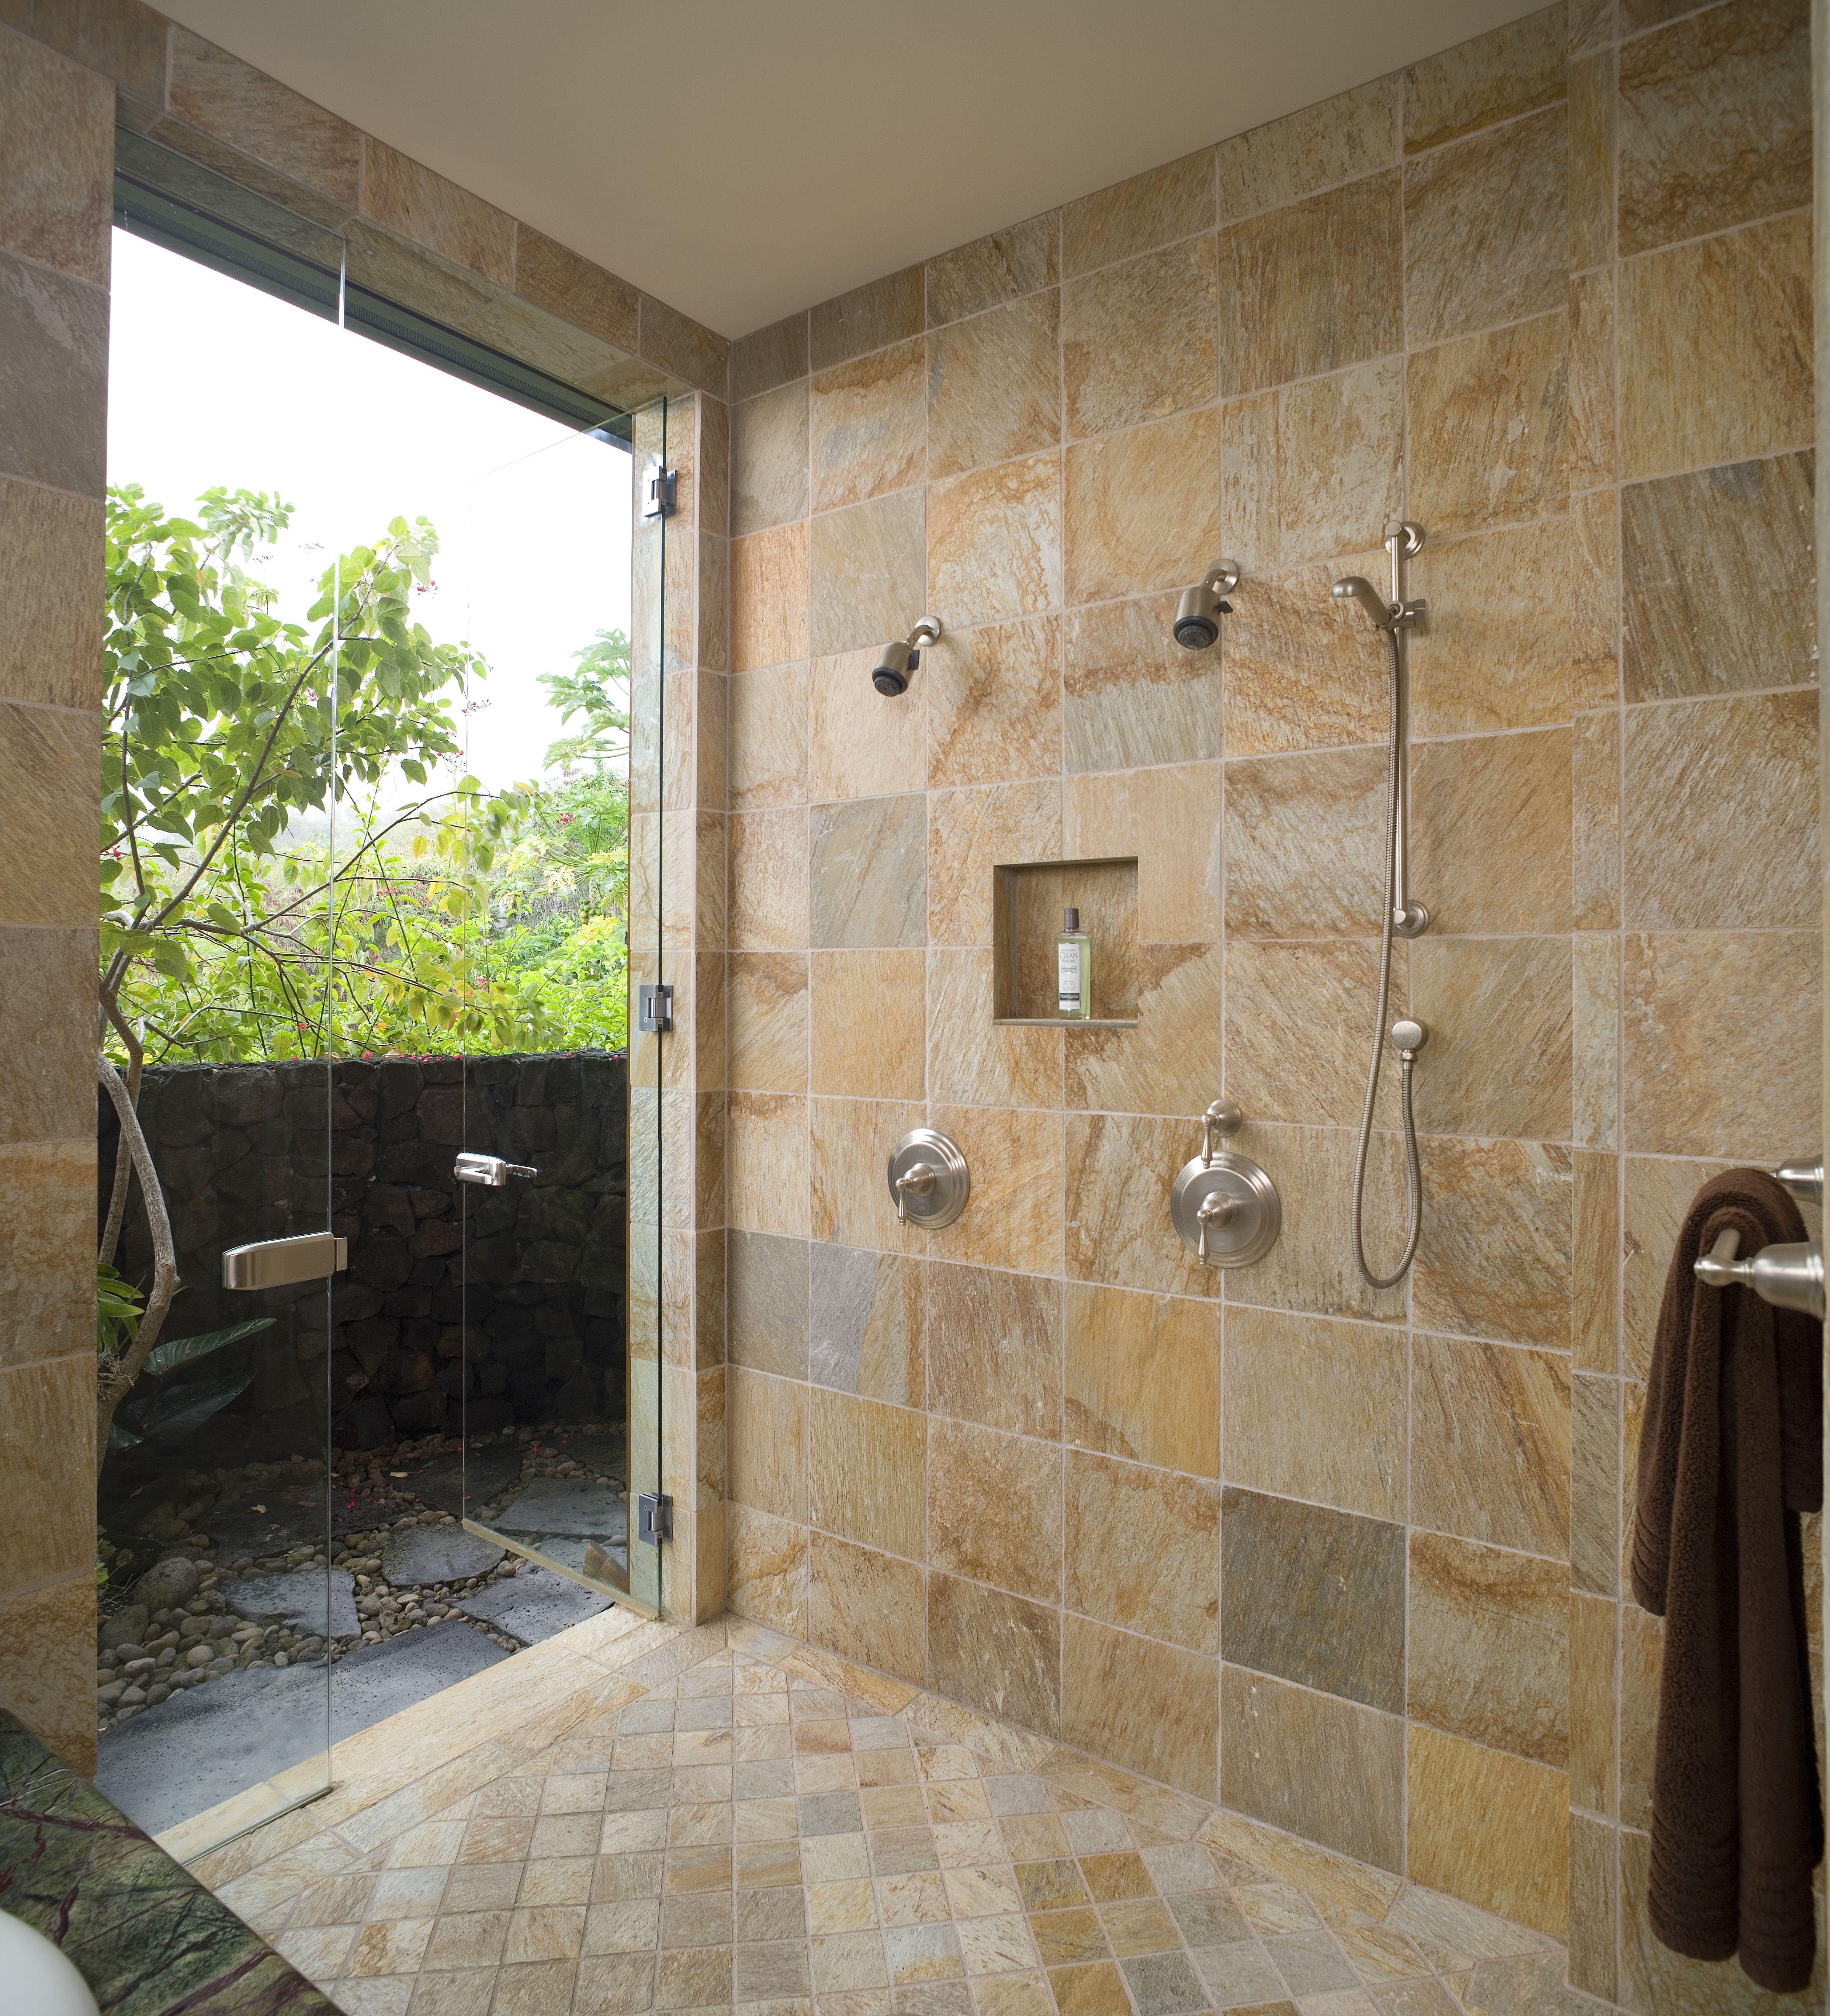 Luxury Master Bathroom Remodeling Ideas   Bathroom Ideas ...